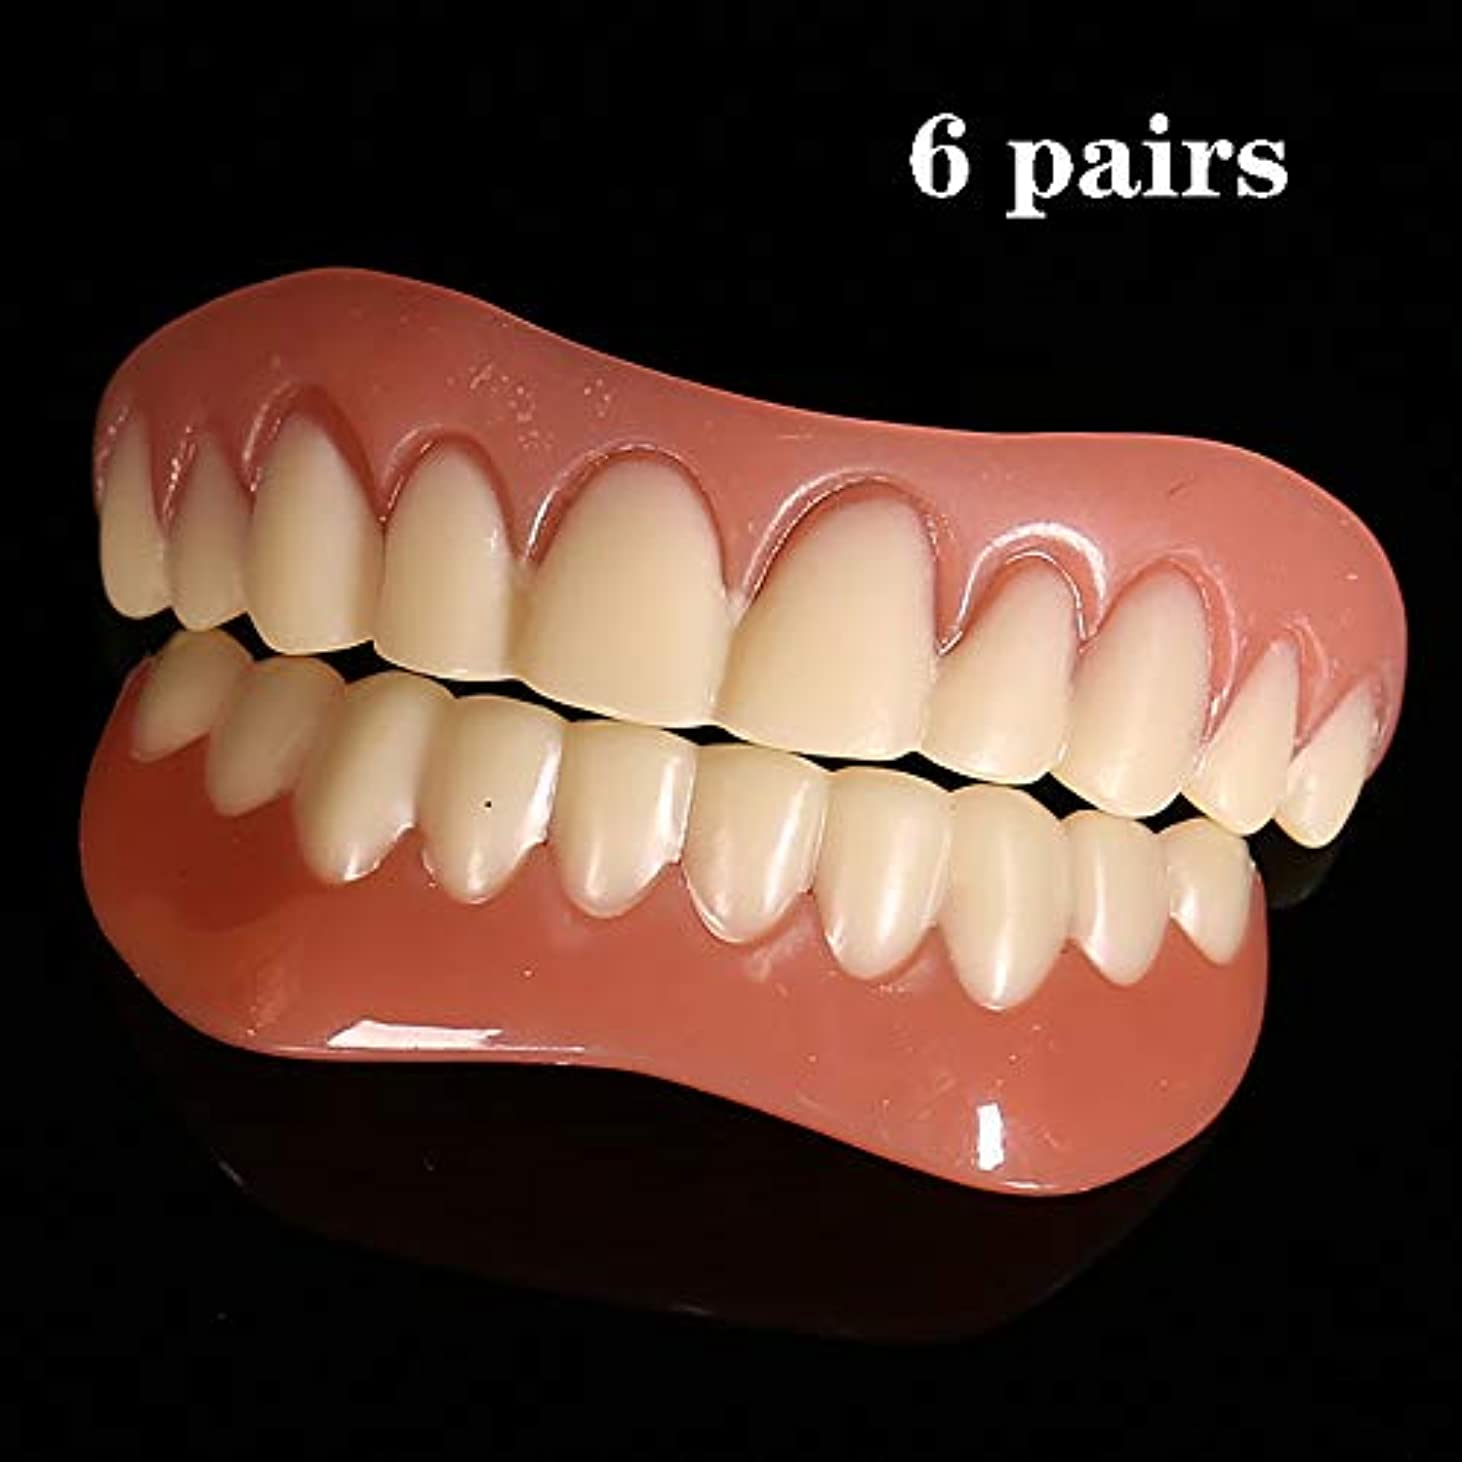 リア王イソギンチャク咲く歯突き板化粧品歯スナップオンセキュア6ペア上下の快適さフィット歯突き板安全インスタントスマイル化粧品ワンサイズ